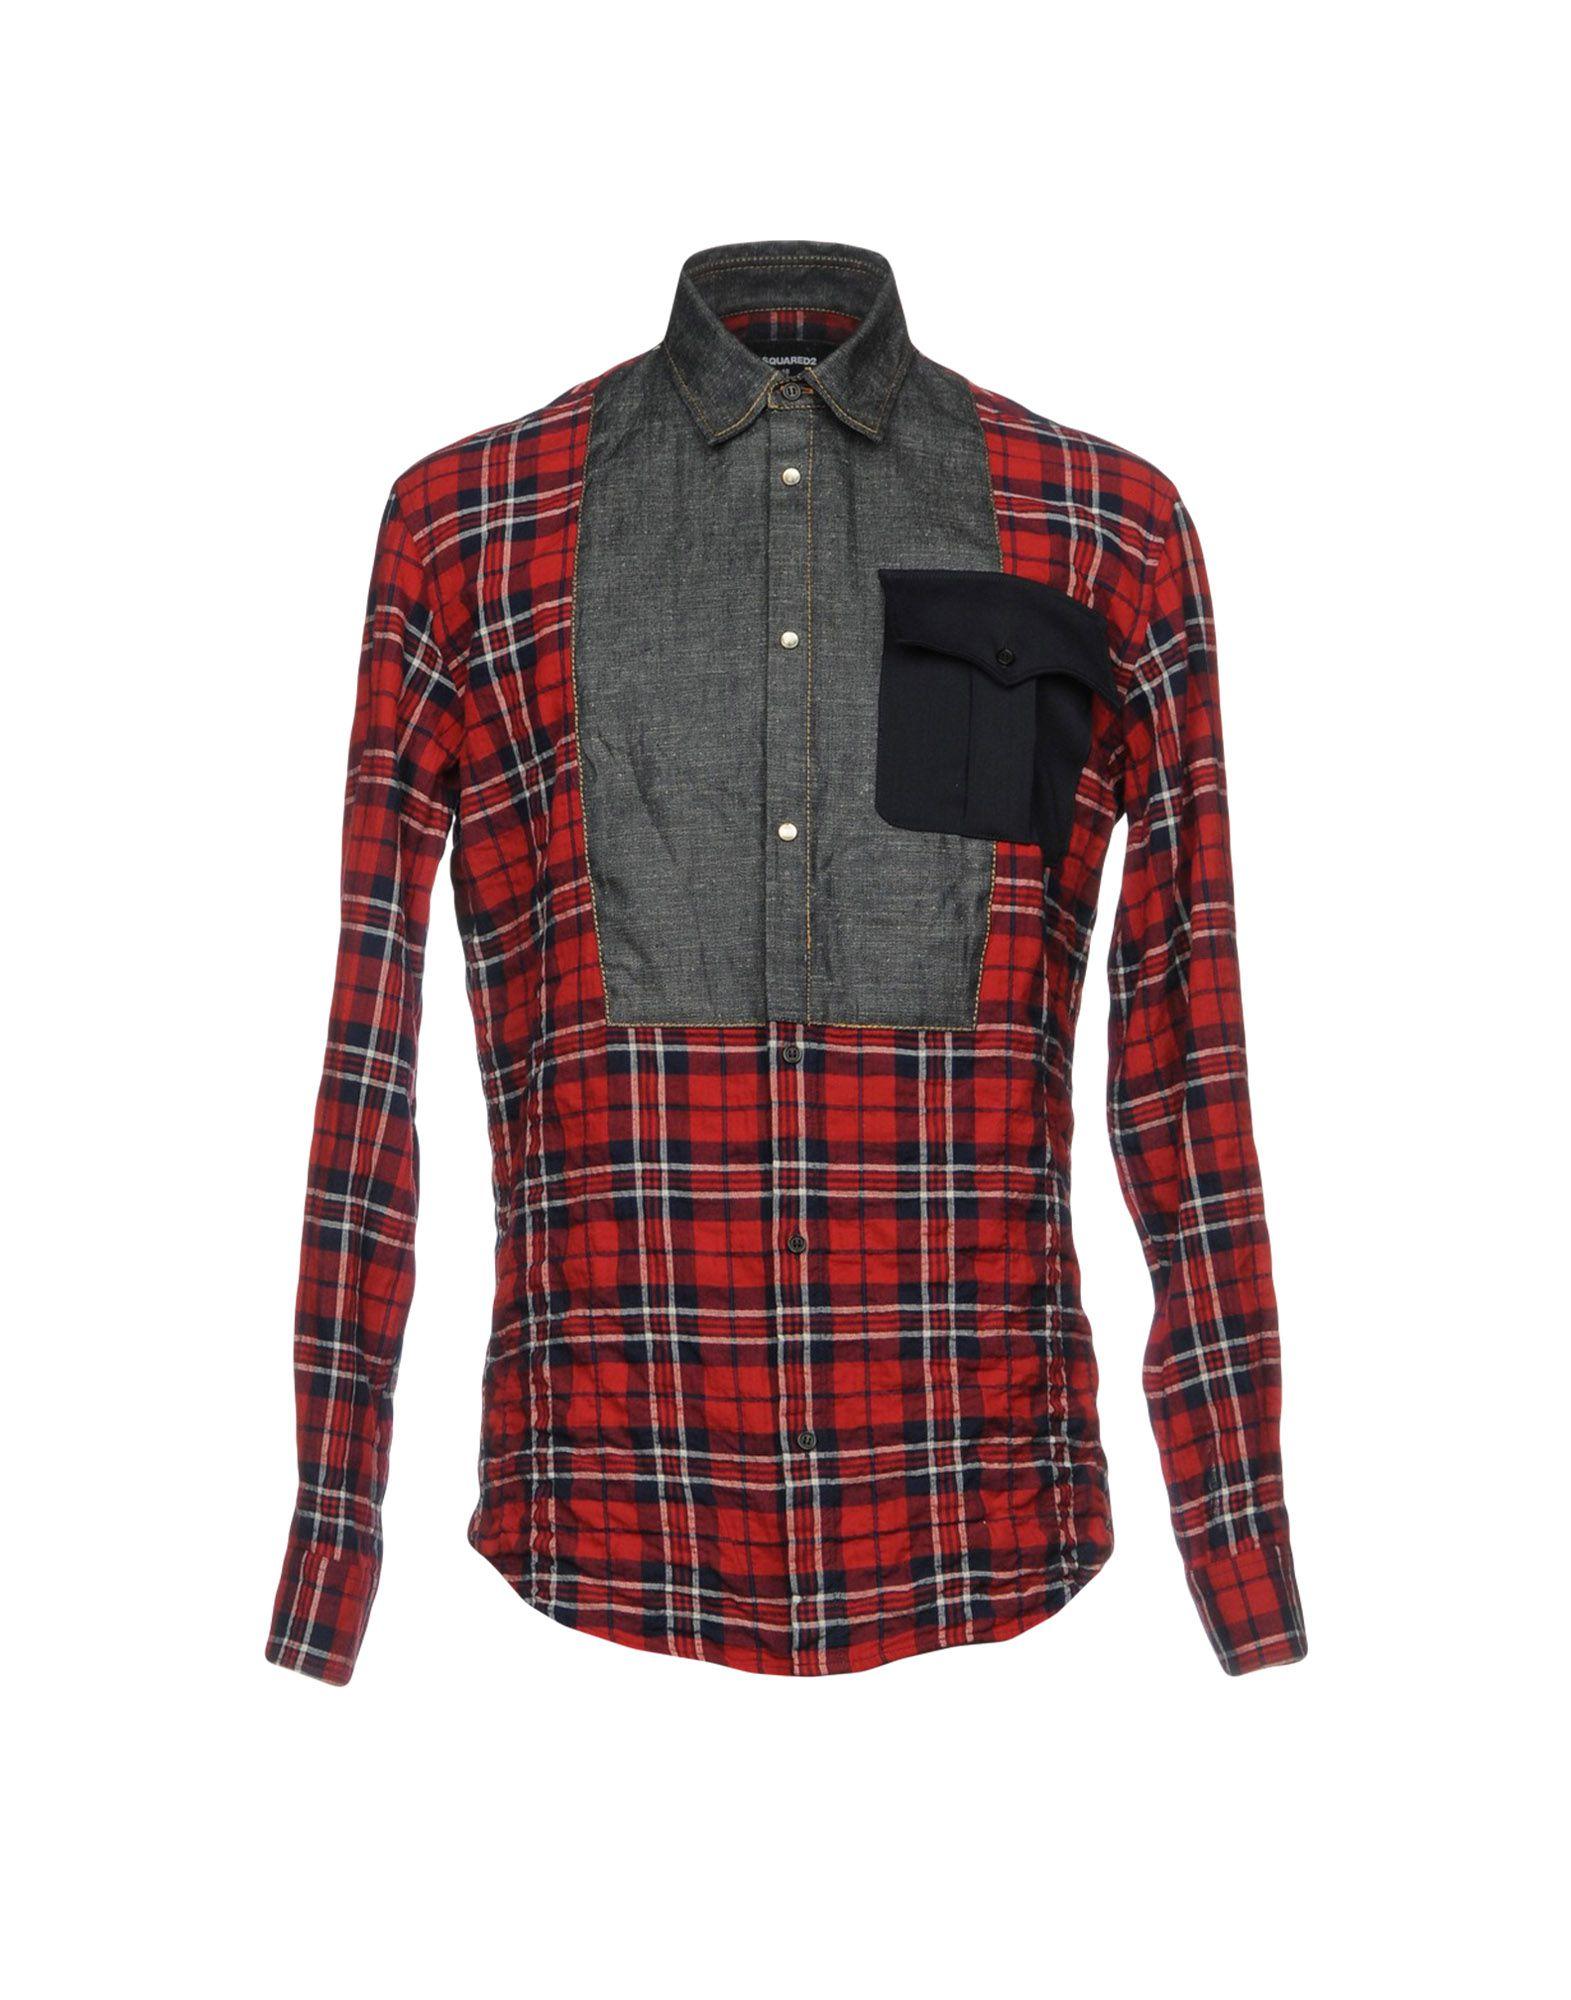 DSQUARED2 Herren Hemd Farbe Rot Größe 5 - broschei